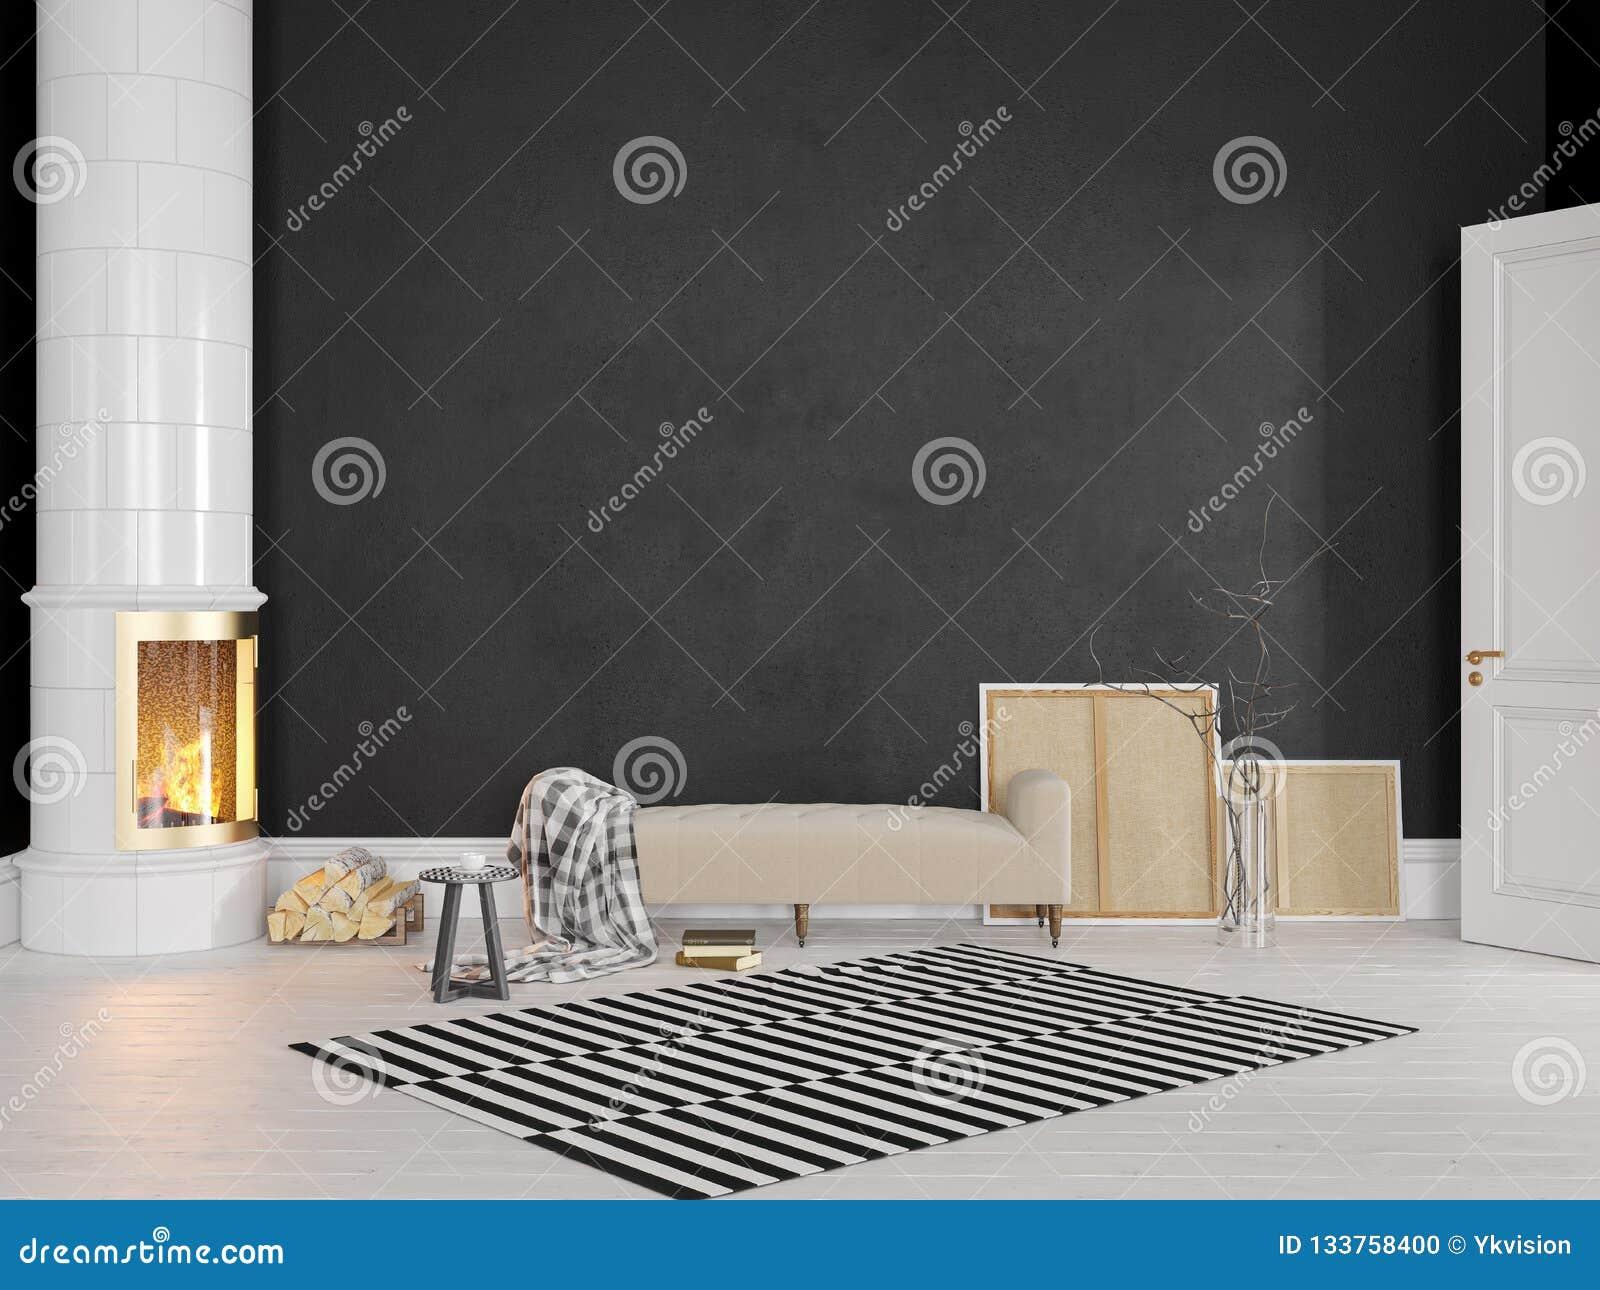 Schwarzer Skandinavier, klassischer Innenraum mit Couch, Ofen, Kamin, Teppich